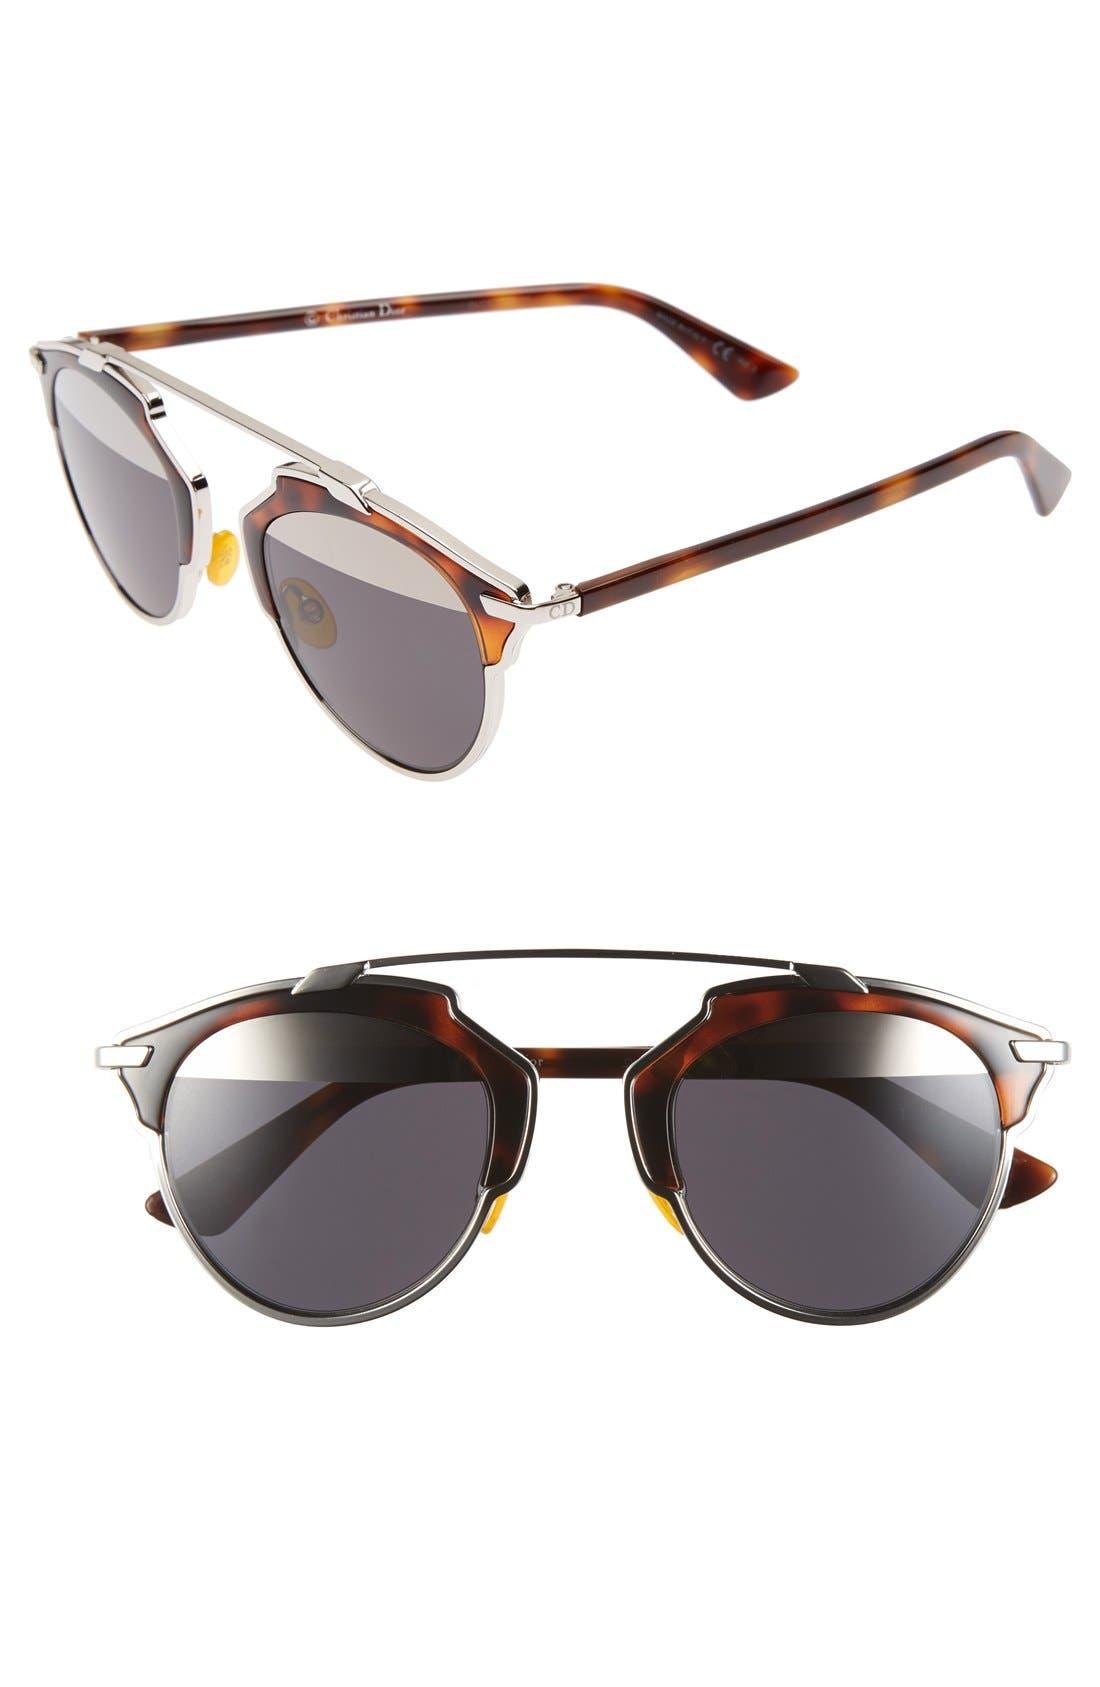 So Real 48mm Brow Bar Sunglasses,                             Main thumbnail 10, color,